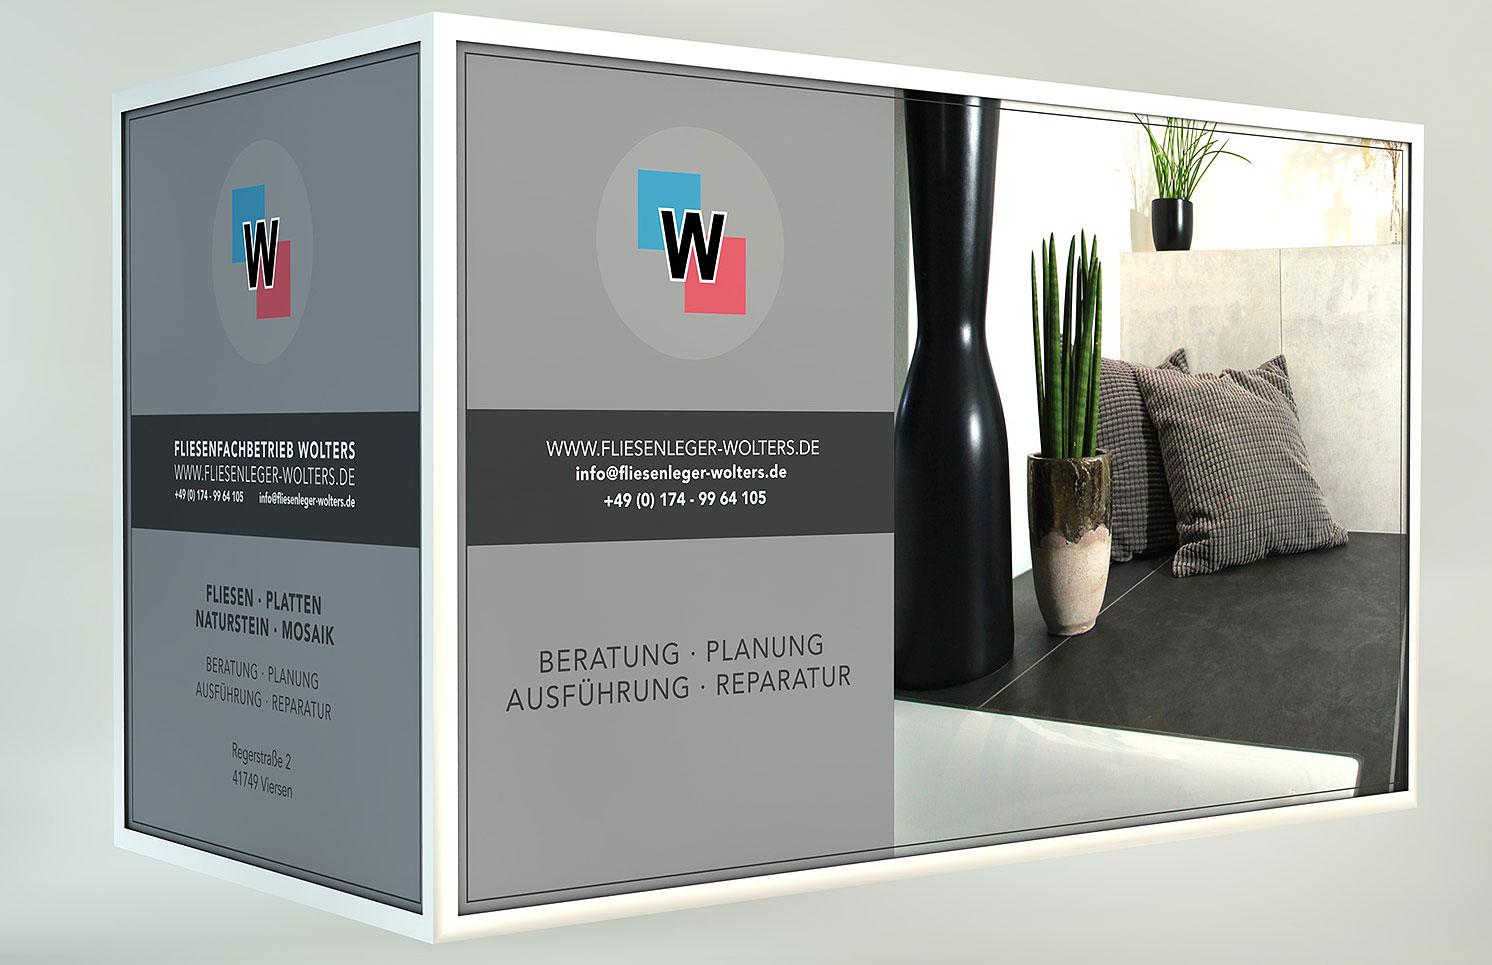 3D Ansicht der Layouts für die Werbeflächen auf dem Anhänger